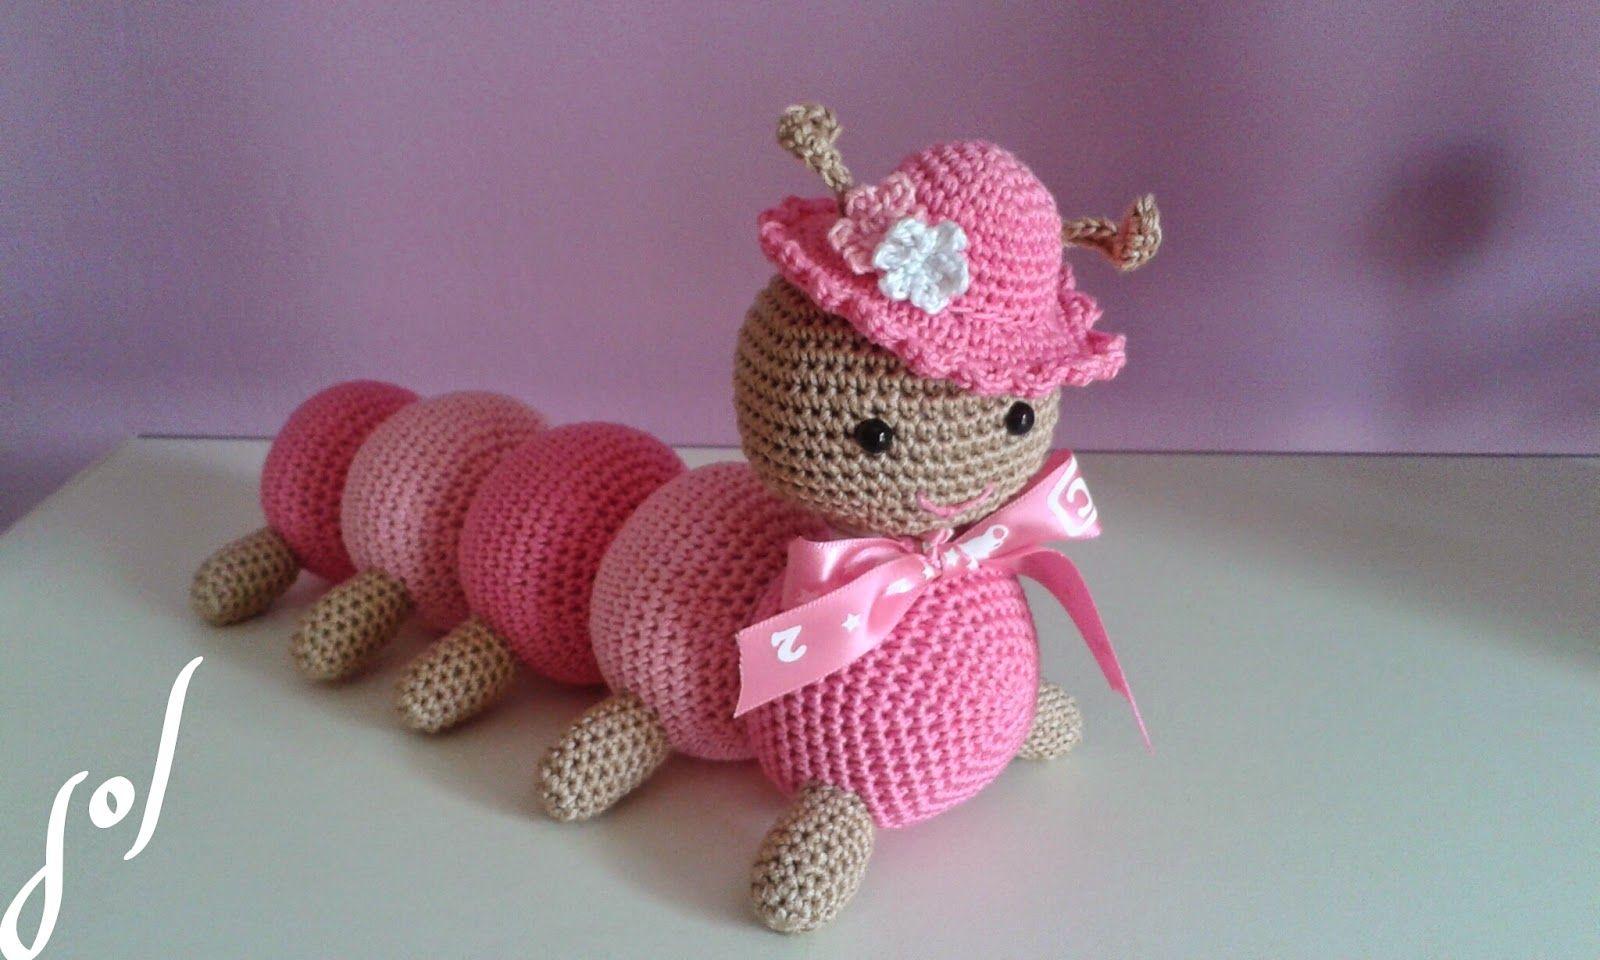 Amigurumi Tutorial Gratis : Oruga amigurumi con patron gratis muñecos crochet